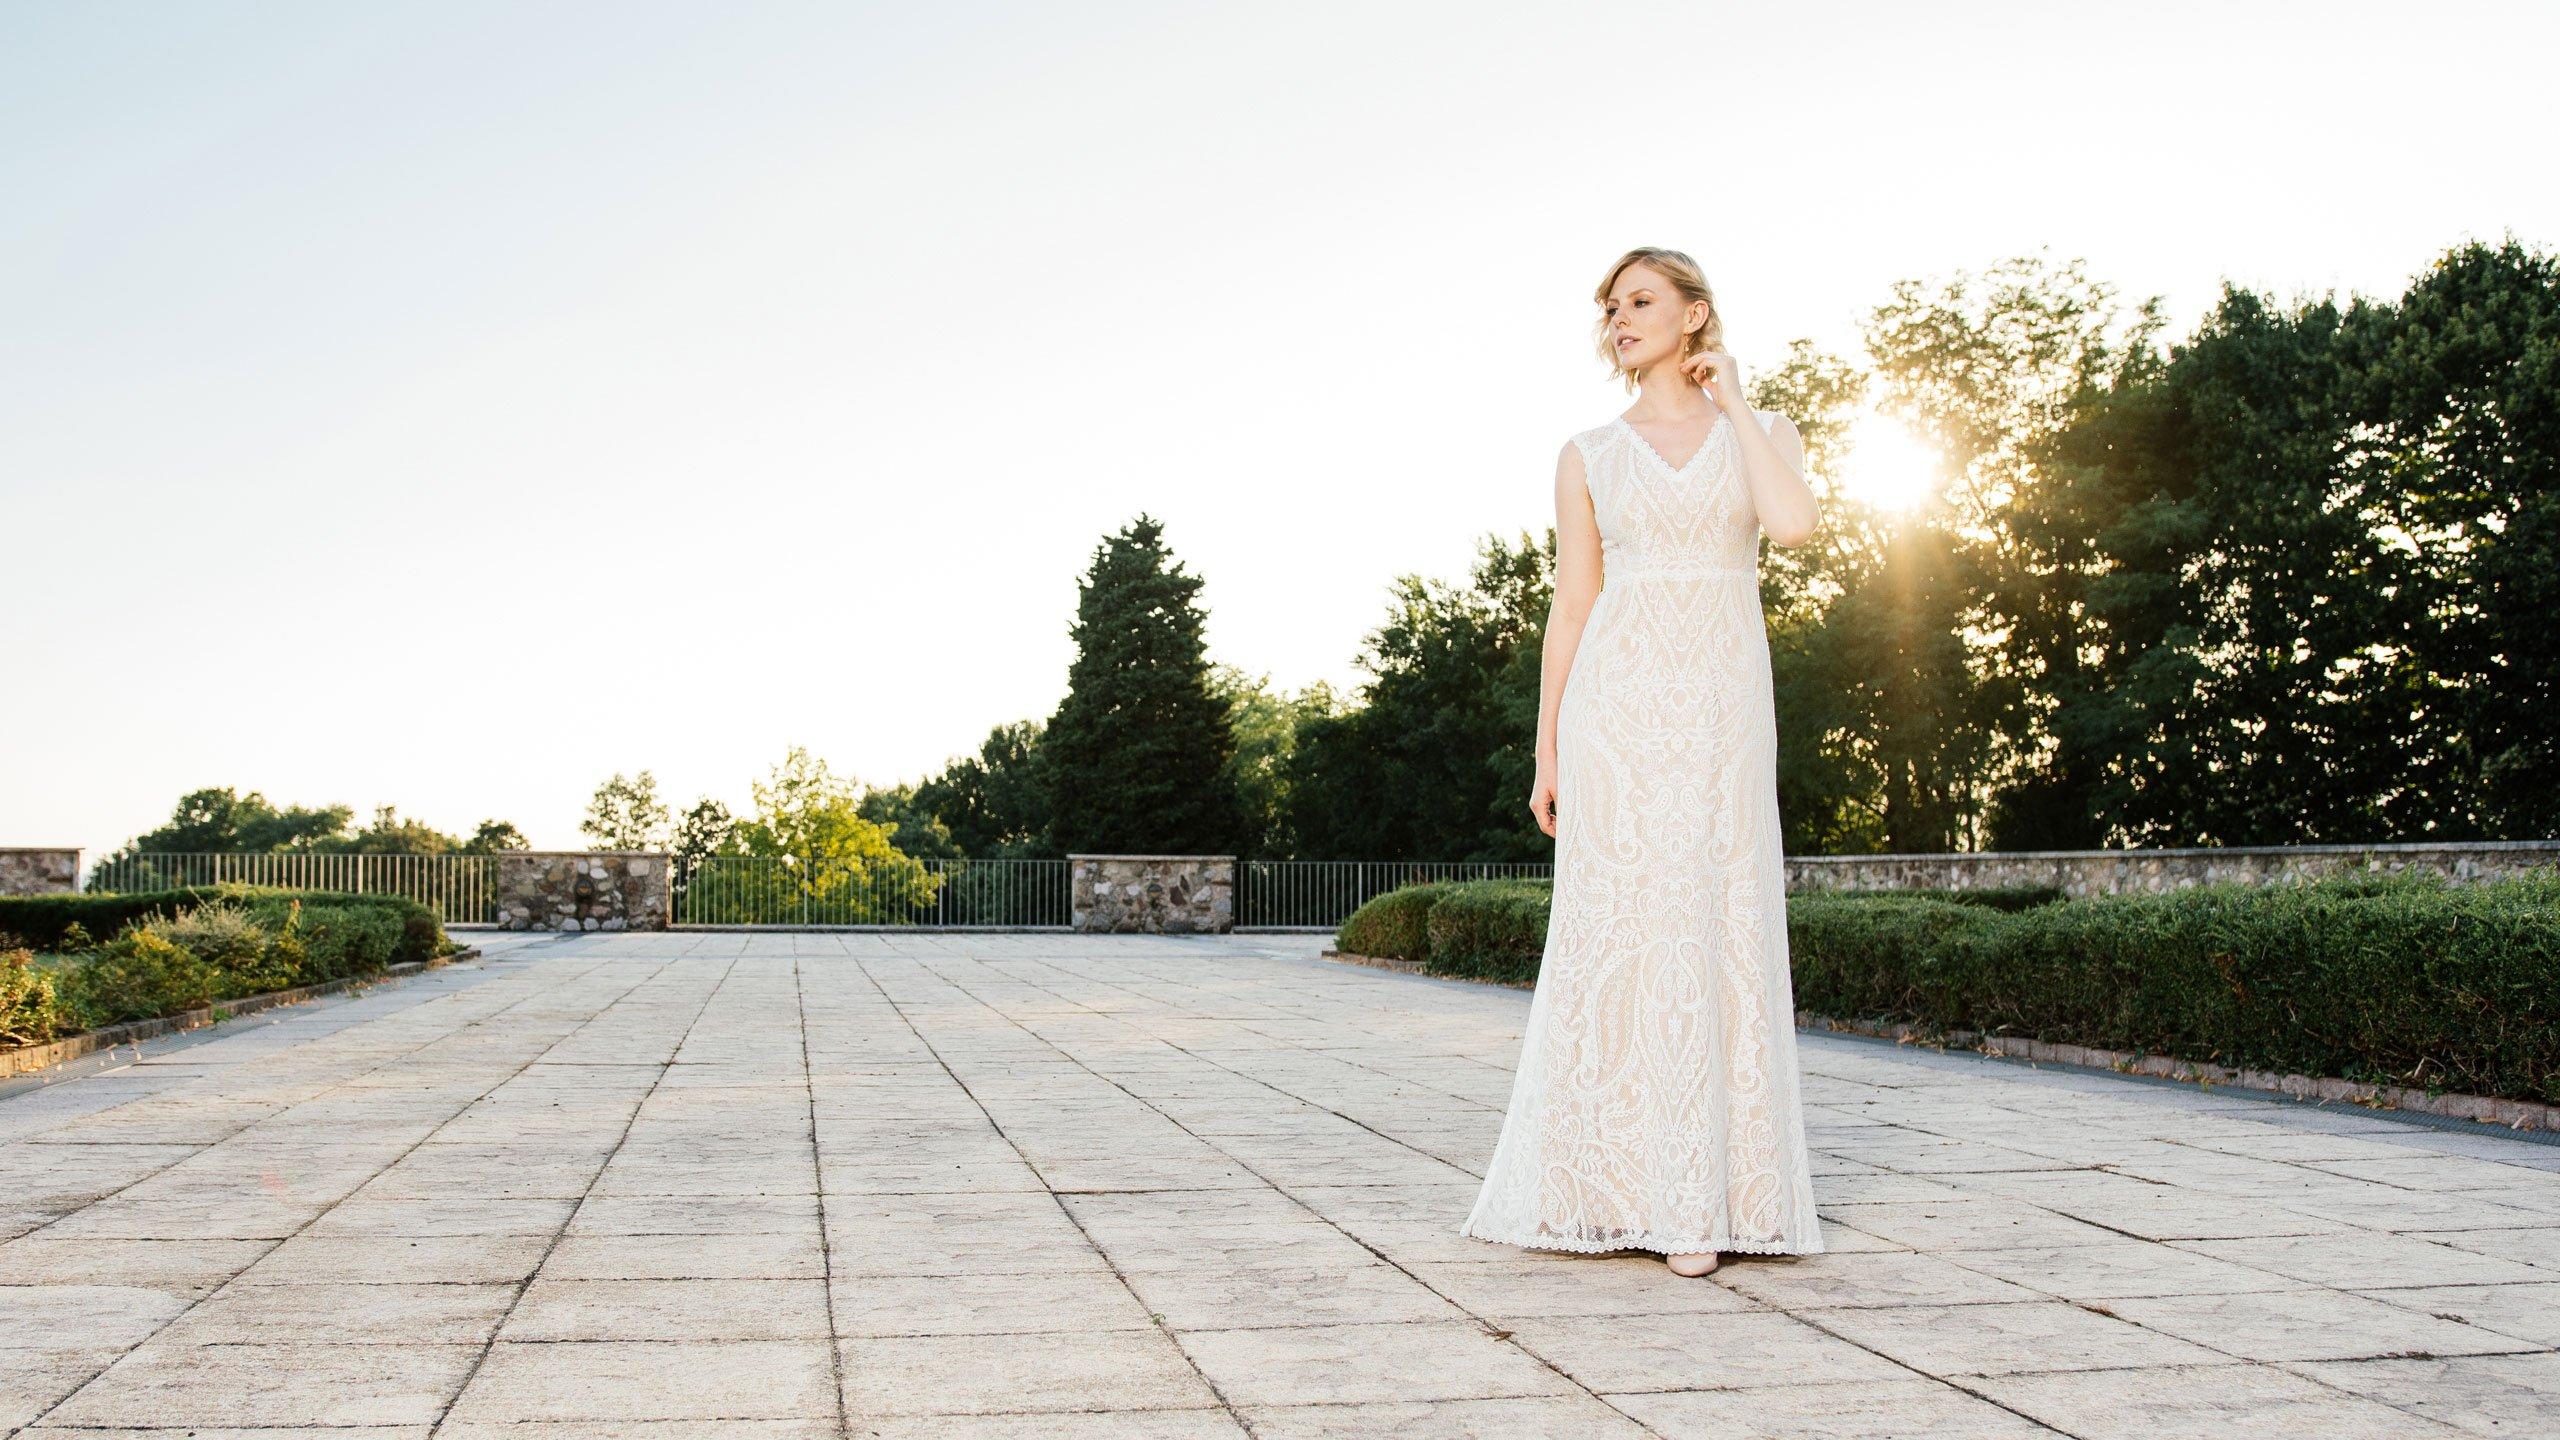 Brautkleid Nude im Sonnenuntergang